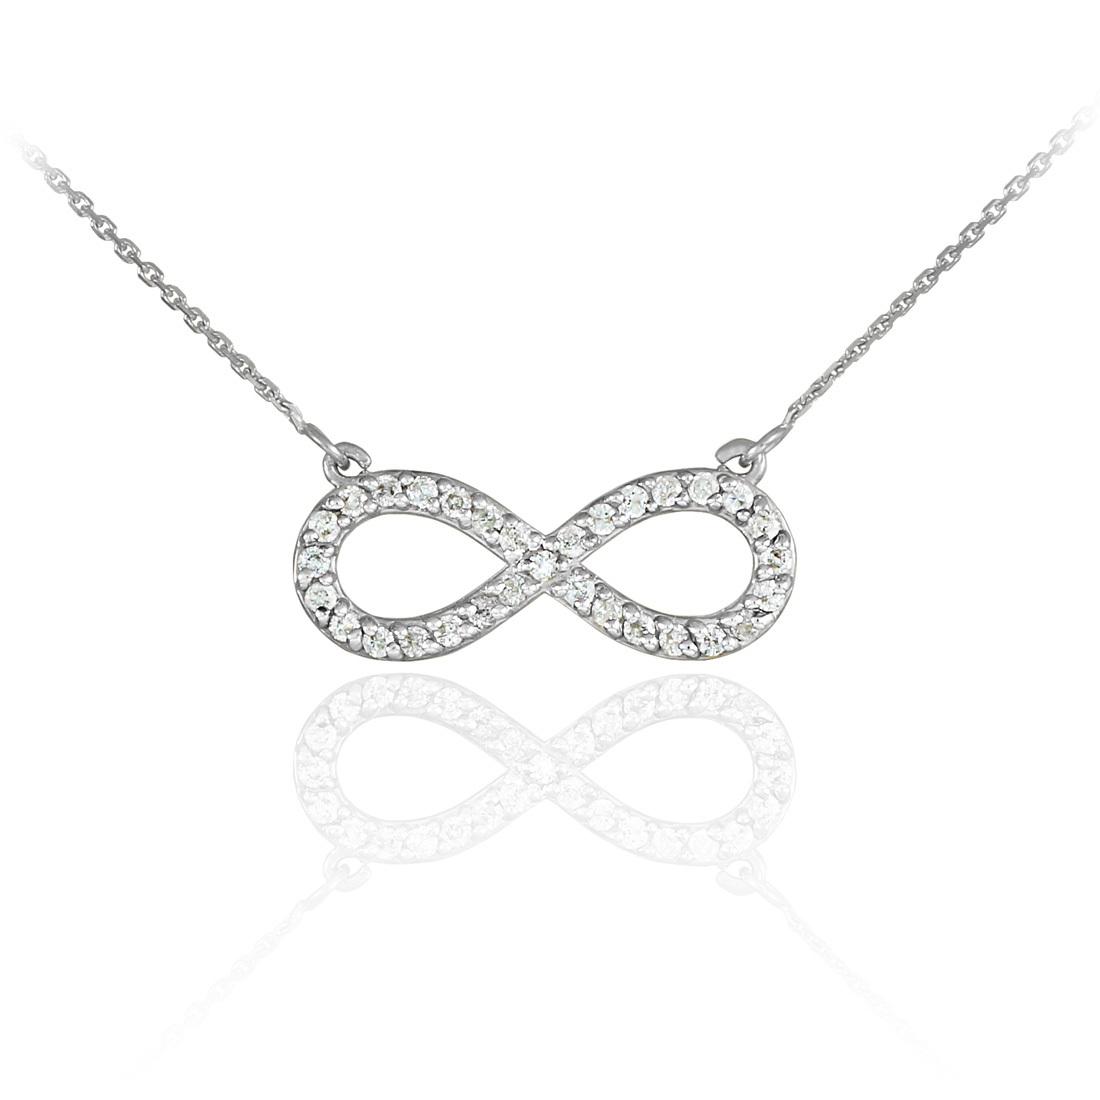 59c0334408f8c Diamond Infinity Necklaces